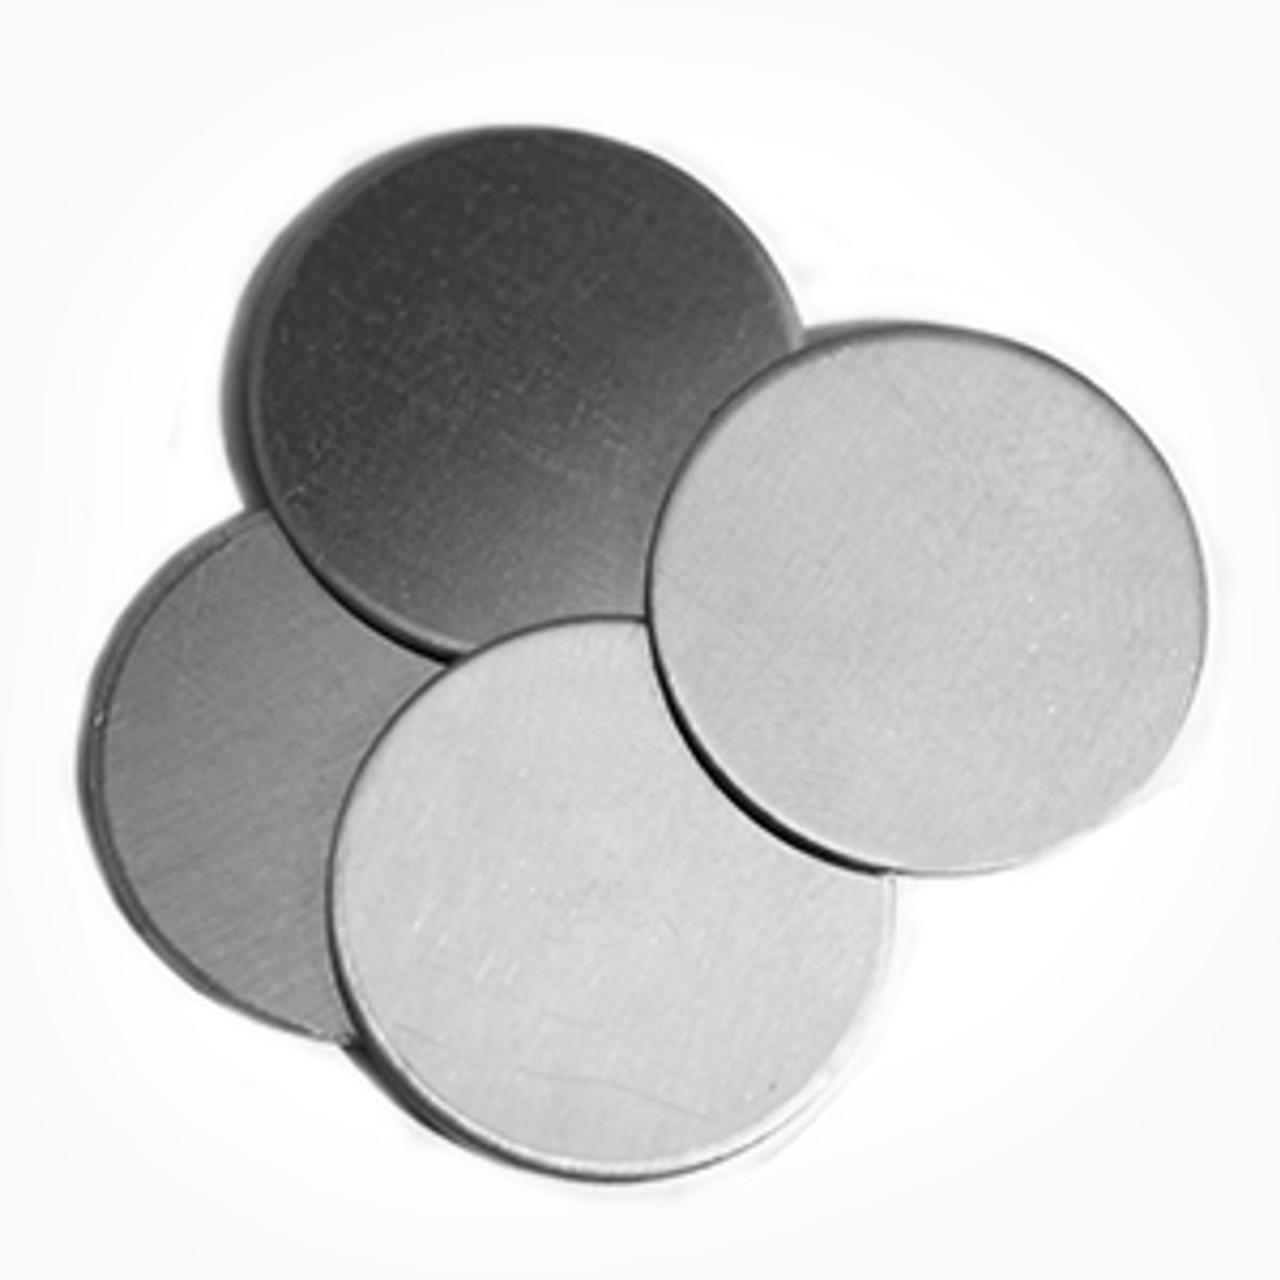 Aluminium Disc, 50.8mm - Pack of 10 (658-AL)